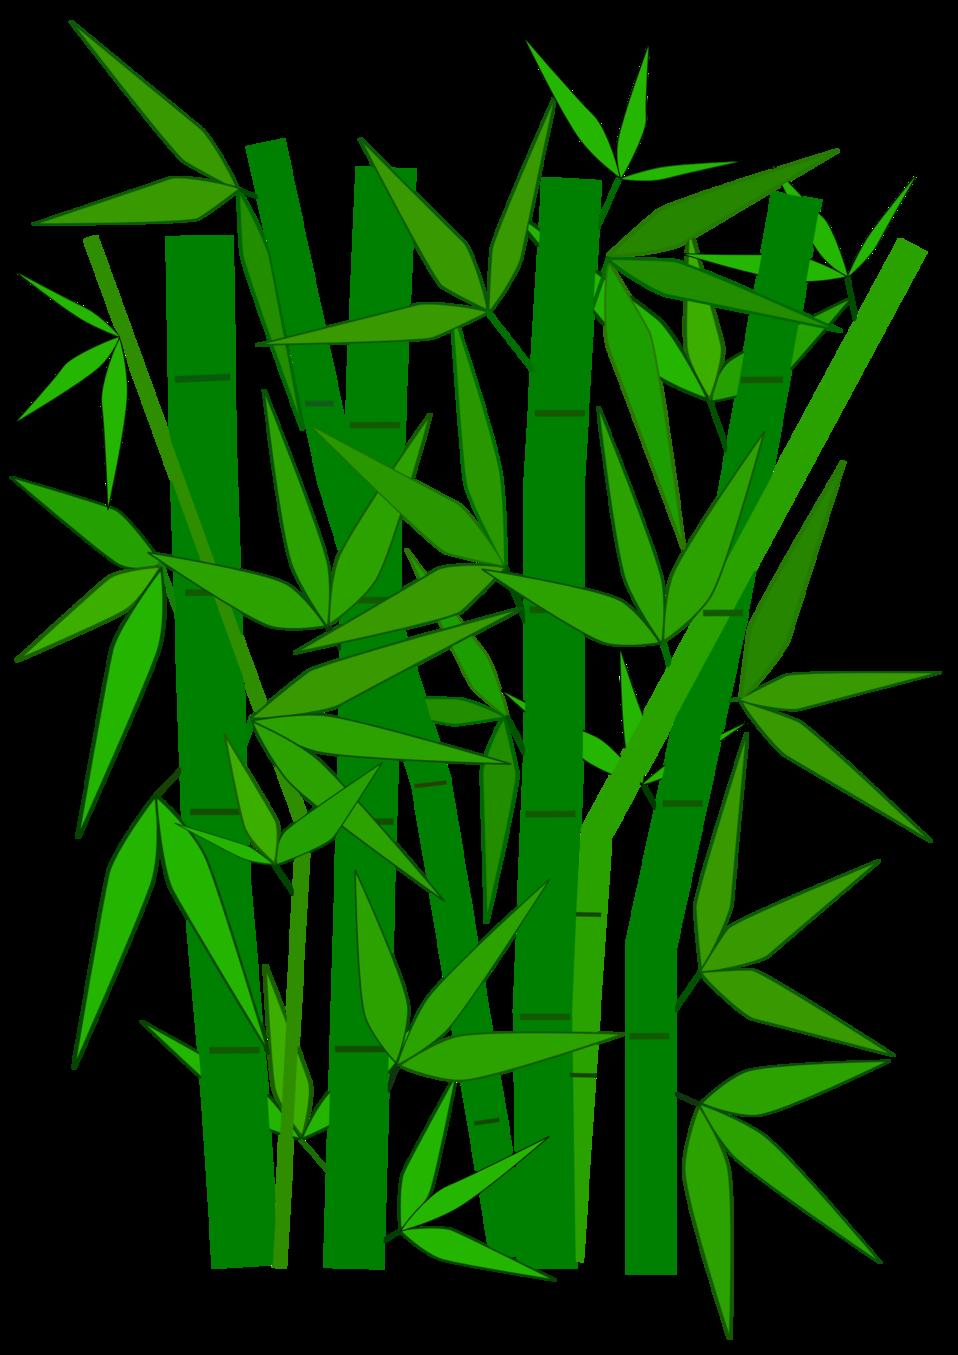 Bamboo graphic